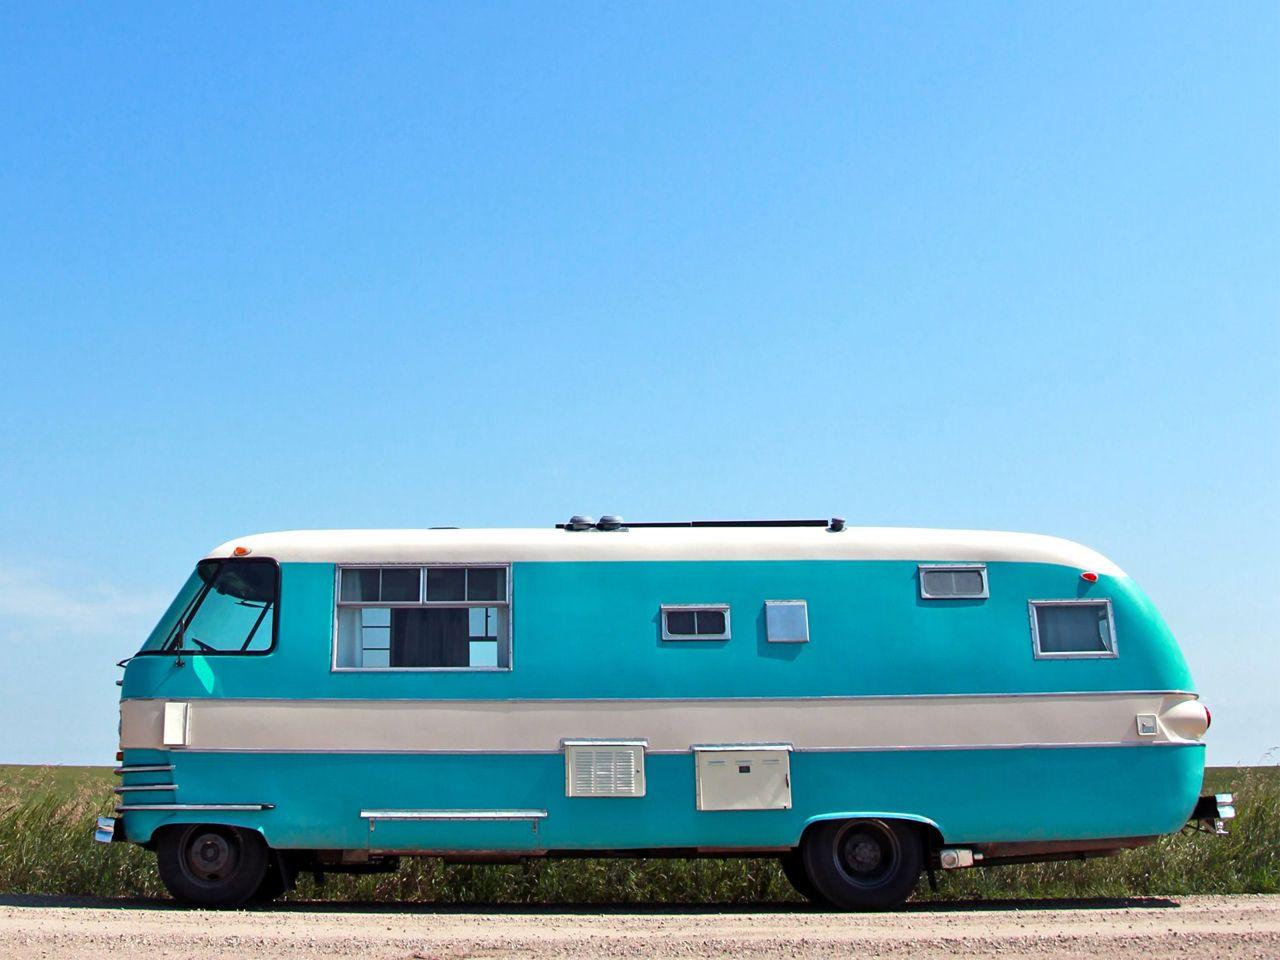 Vintage Dodge Motorhomes Dodge Chassis Motorhome Motorhome Travel Trailer Camping Vintage Camper